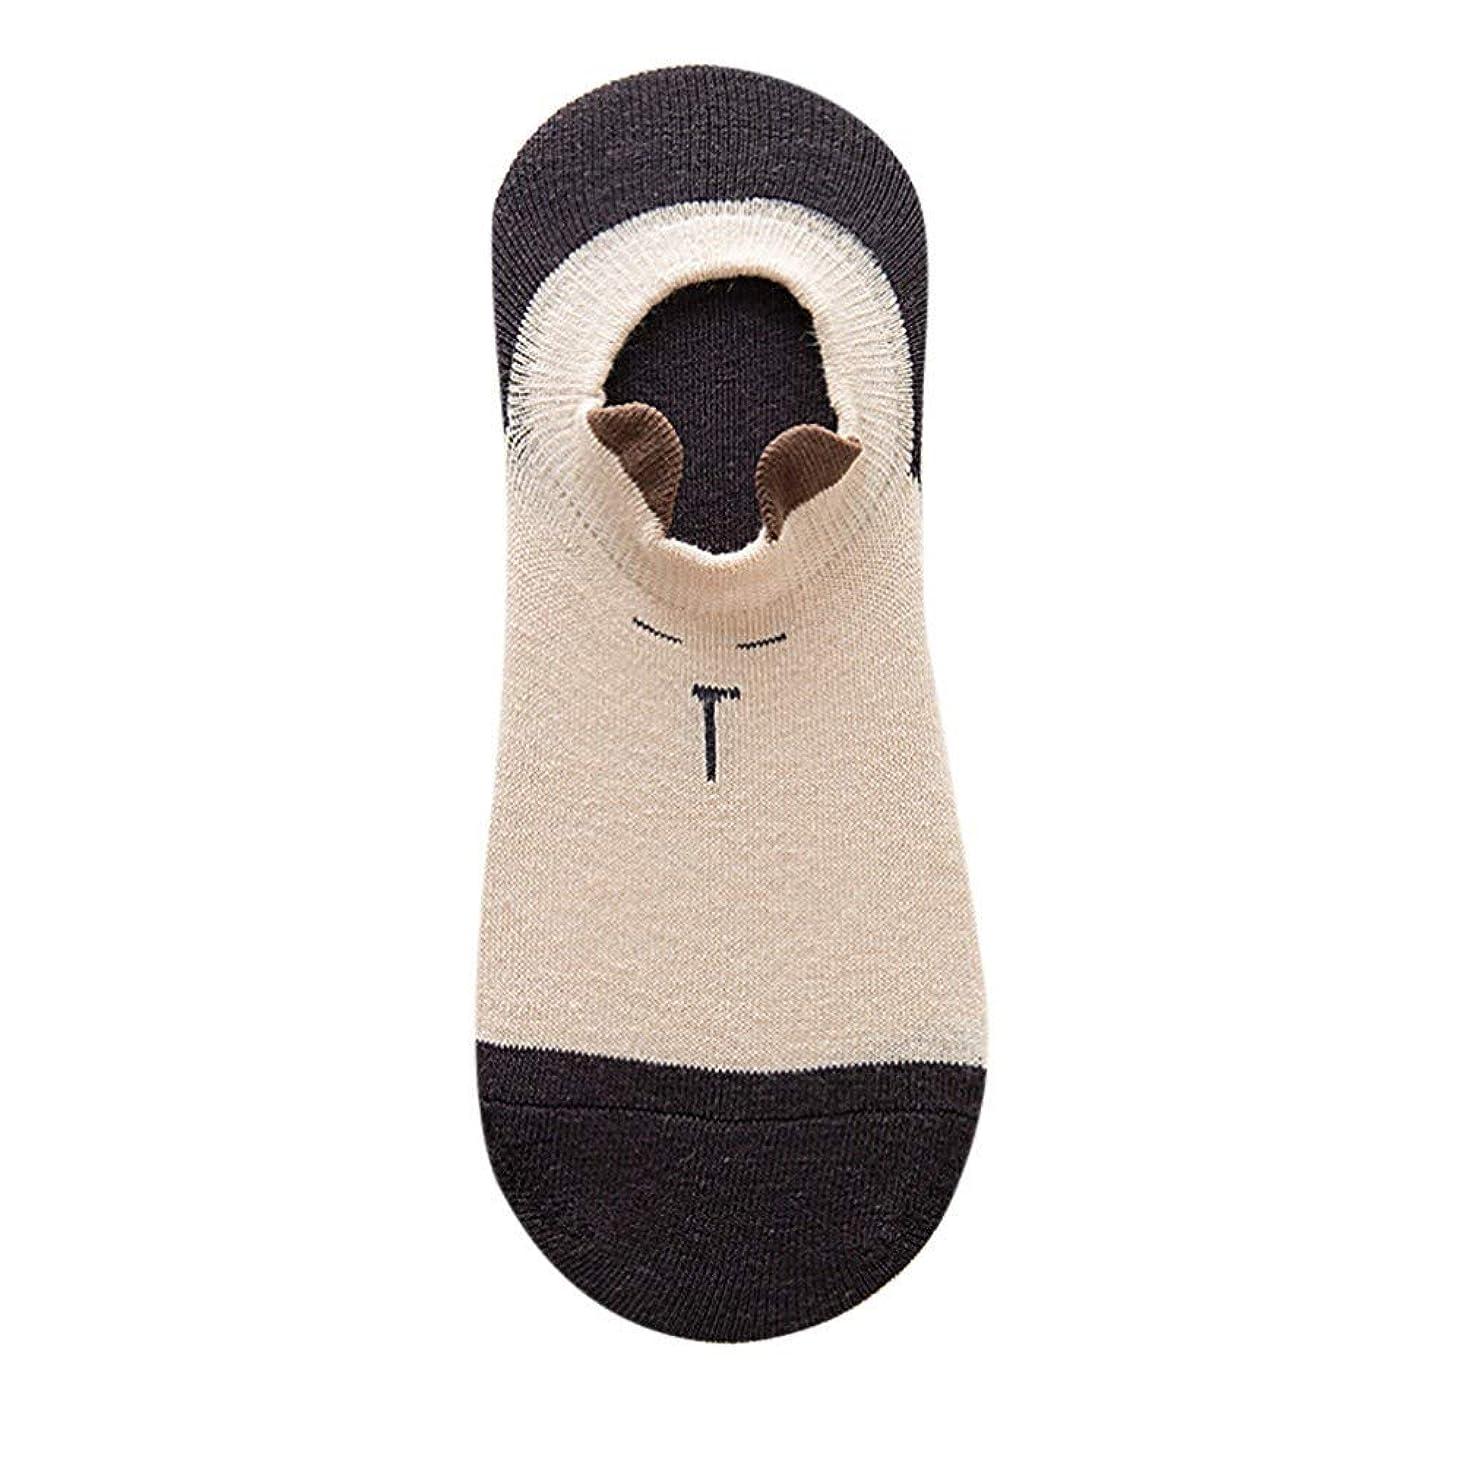 ジョージスティーブンソン対人共感するSofitoa ソックスカジュアル作業ビジネス綿動物耳ファッション靴下快適